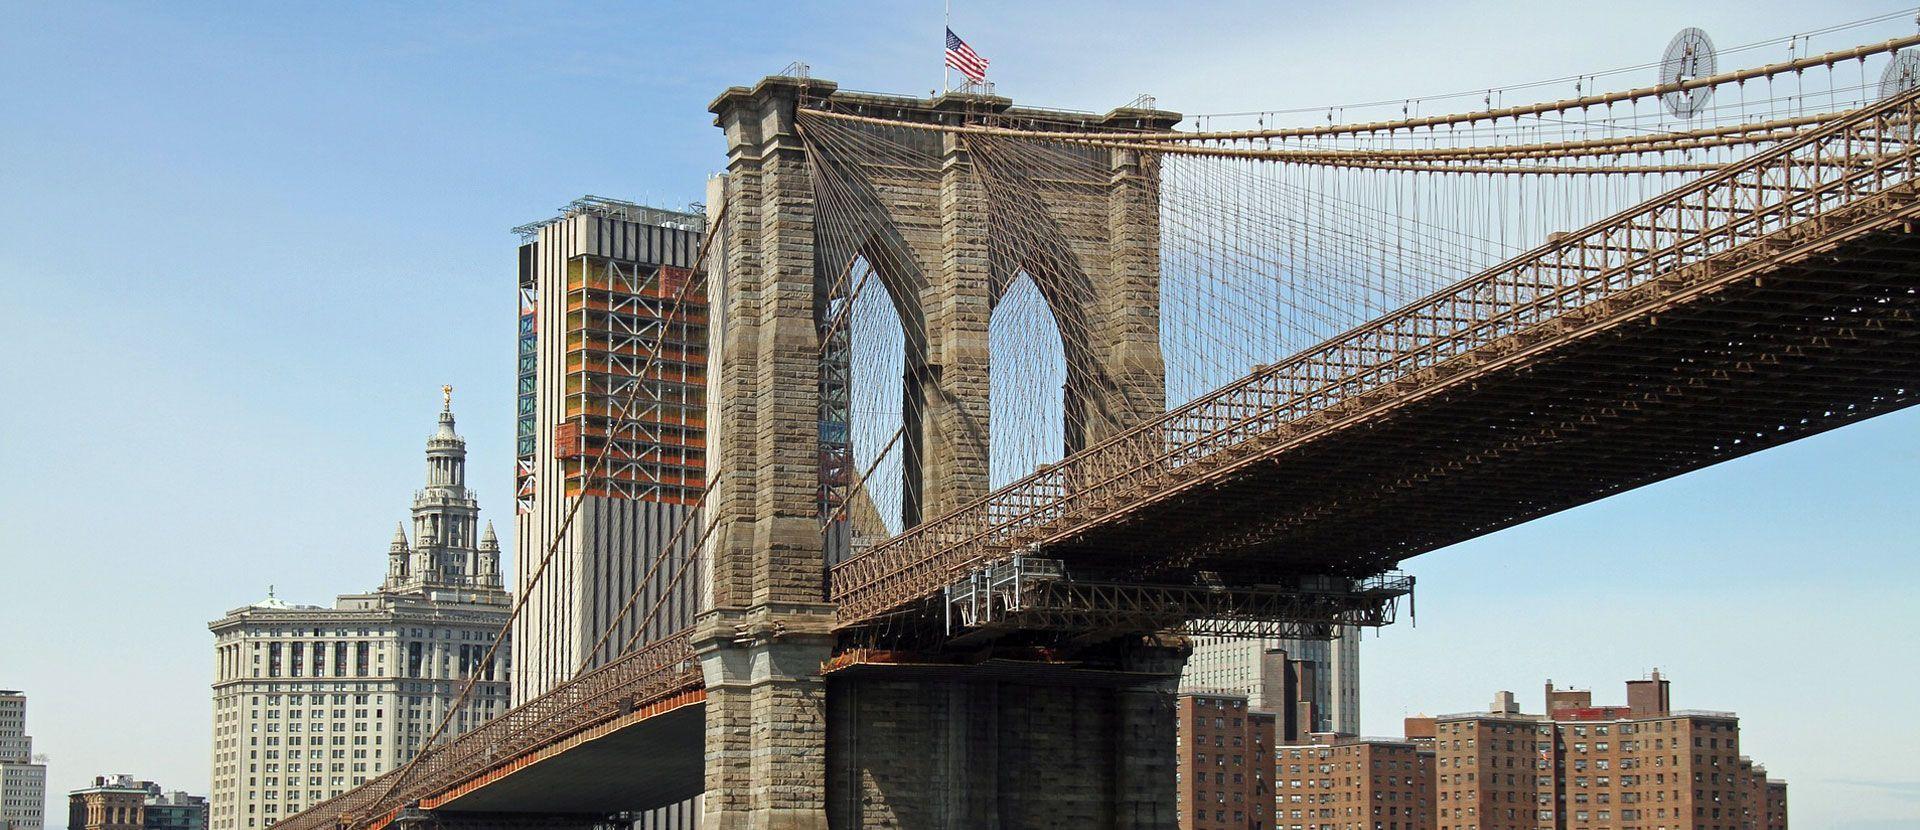 Brookling school of languages Nueva York curso de ingles ASTEX